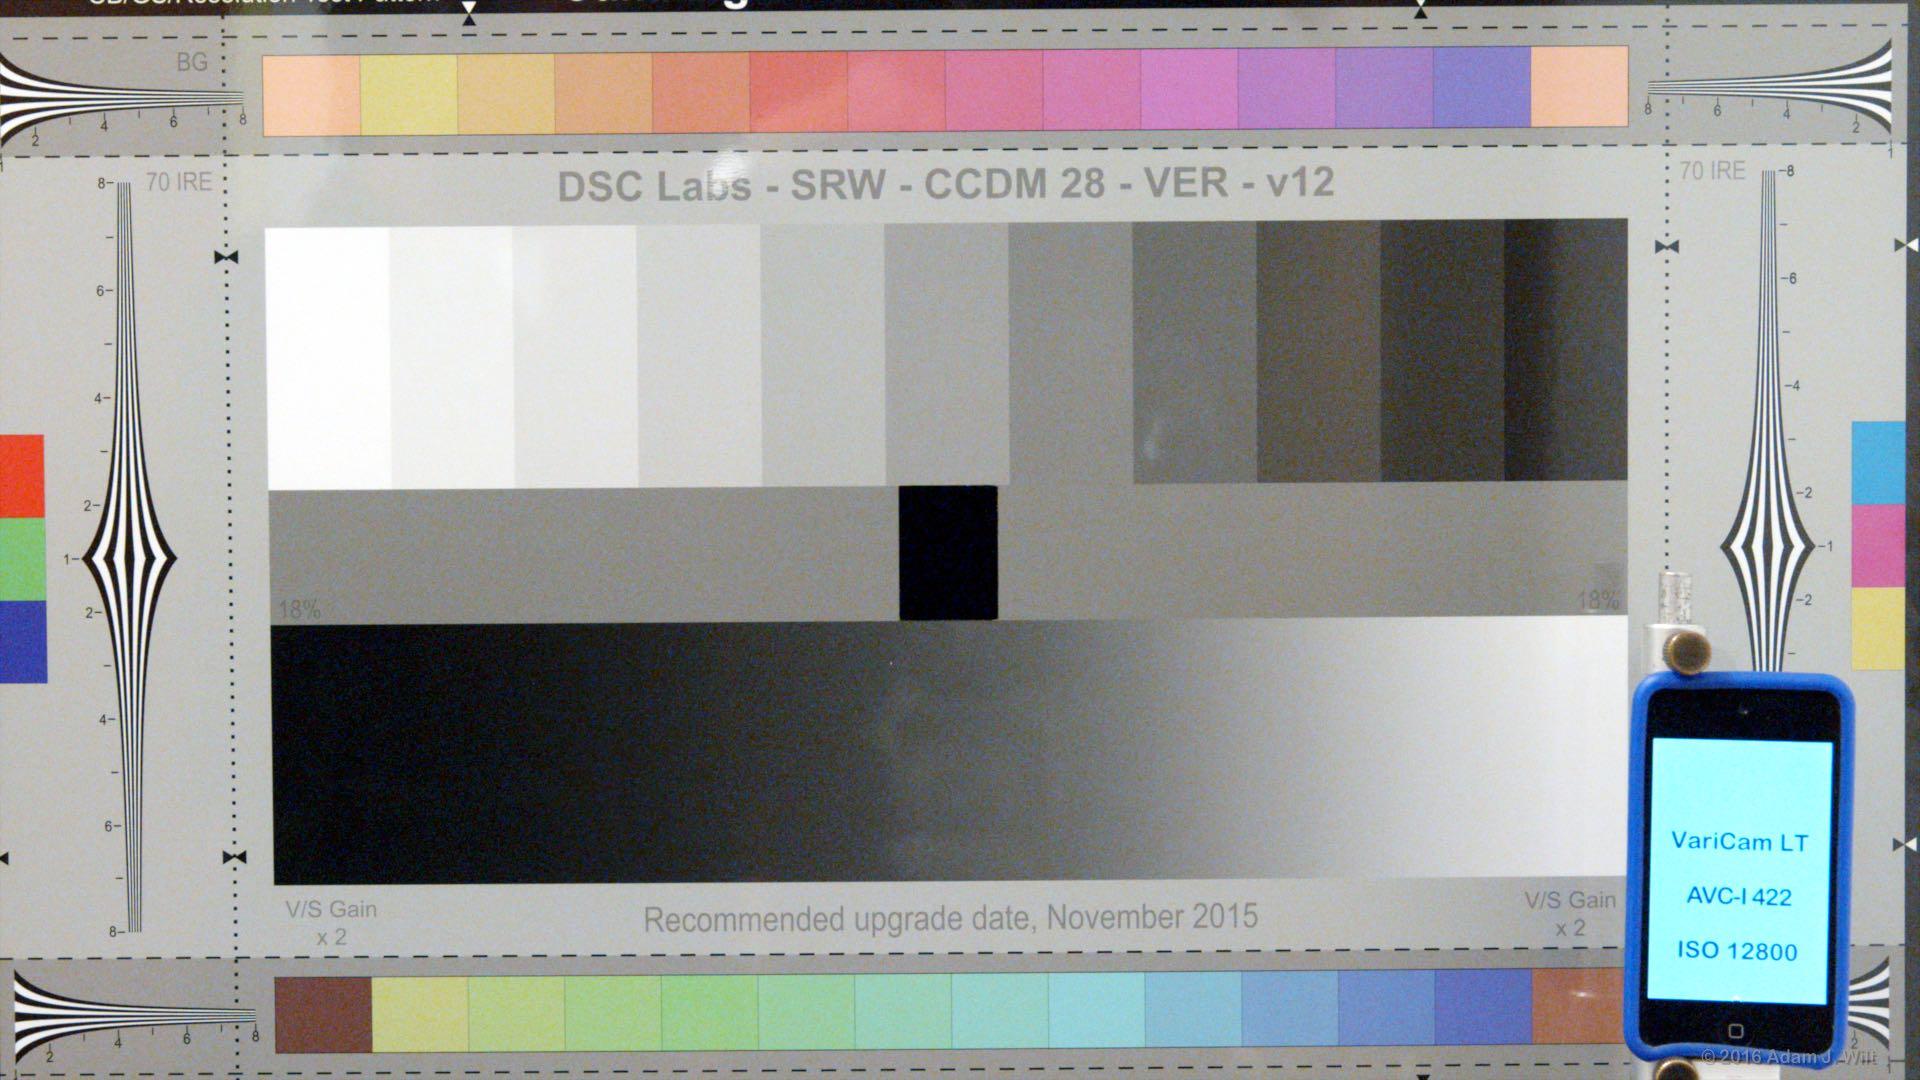 ISO 12800, base ISO 5000